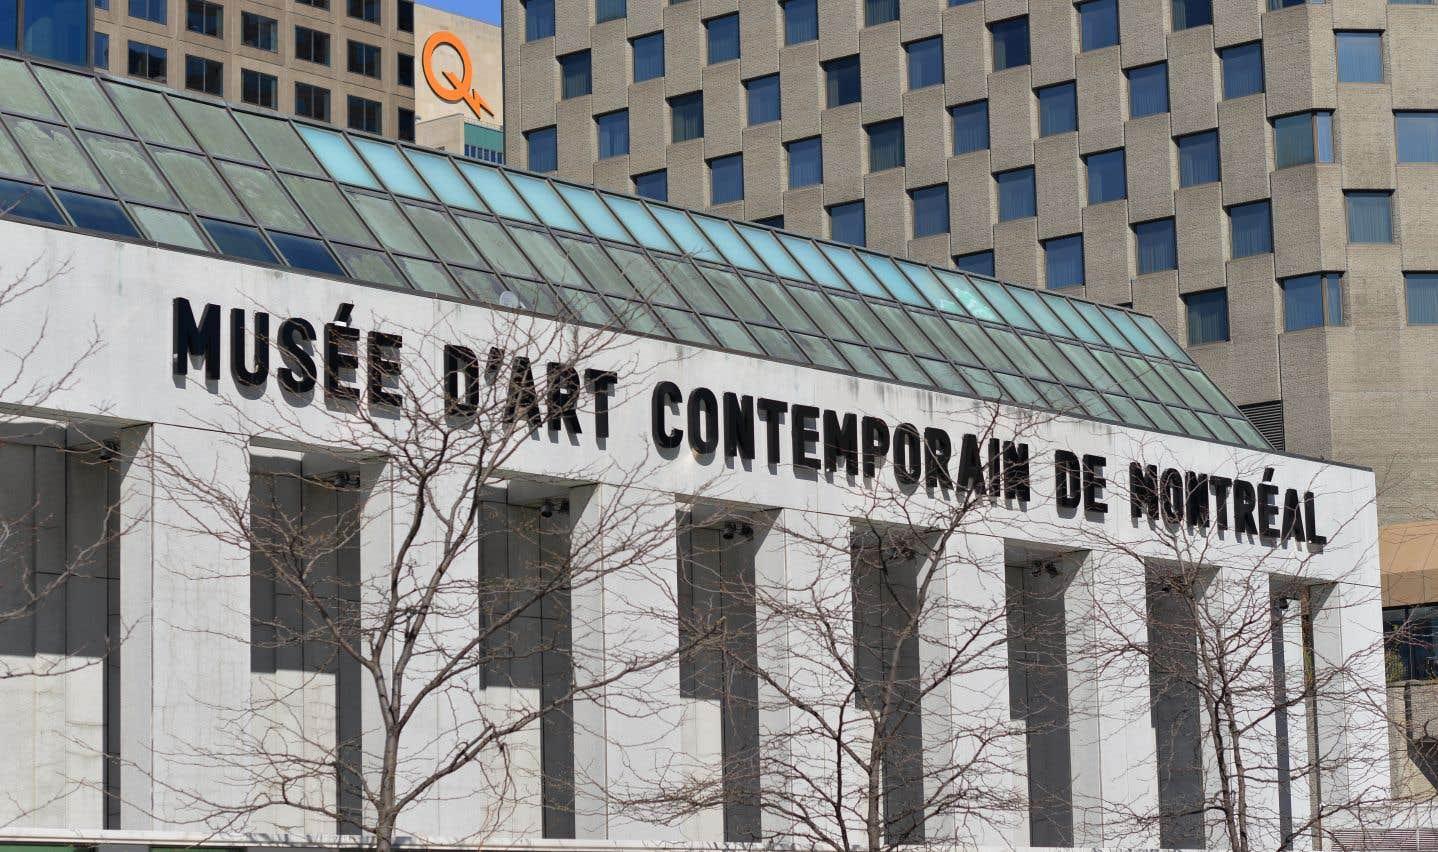 Le Musée d'art contemporain de Montréal devra déménager ses pénates ailleurs, durant la période de rénovation de l'édifice de la rue Sainte-Catherine.